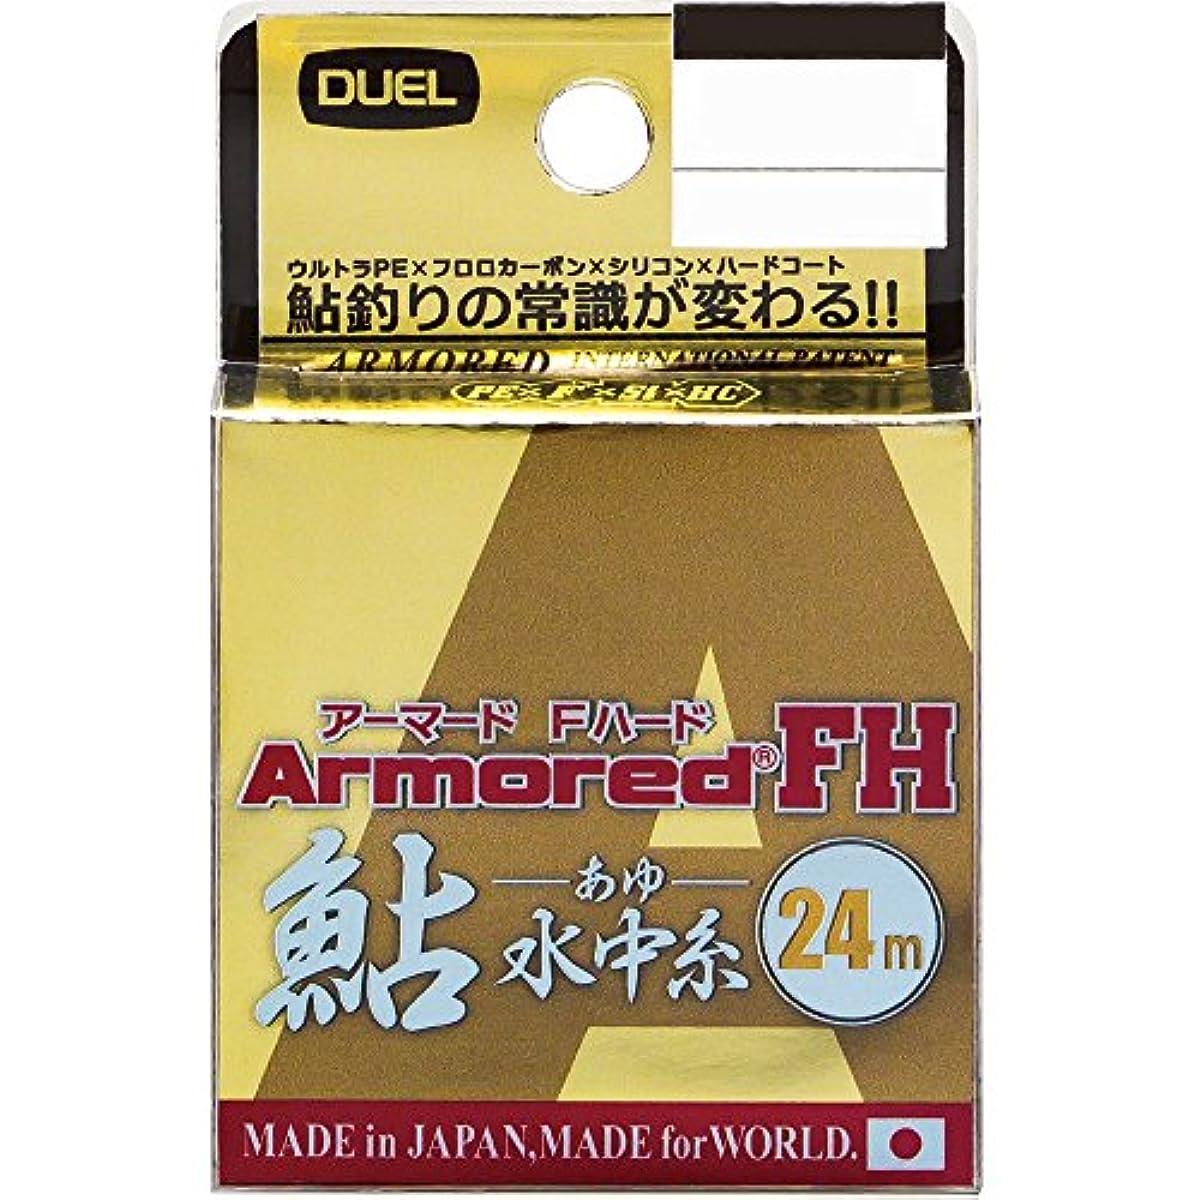 [해외] 듀엘 라인: ARMORED FH 은어 수중사 24M